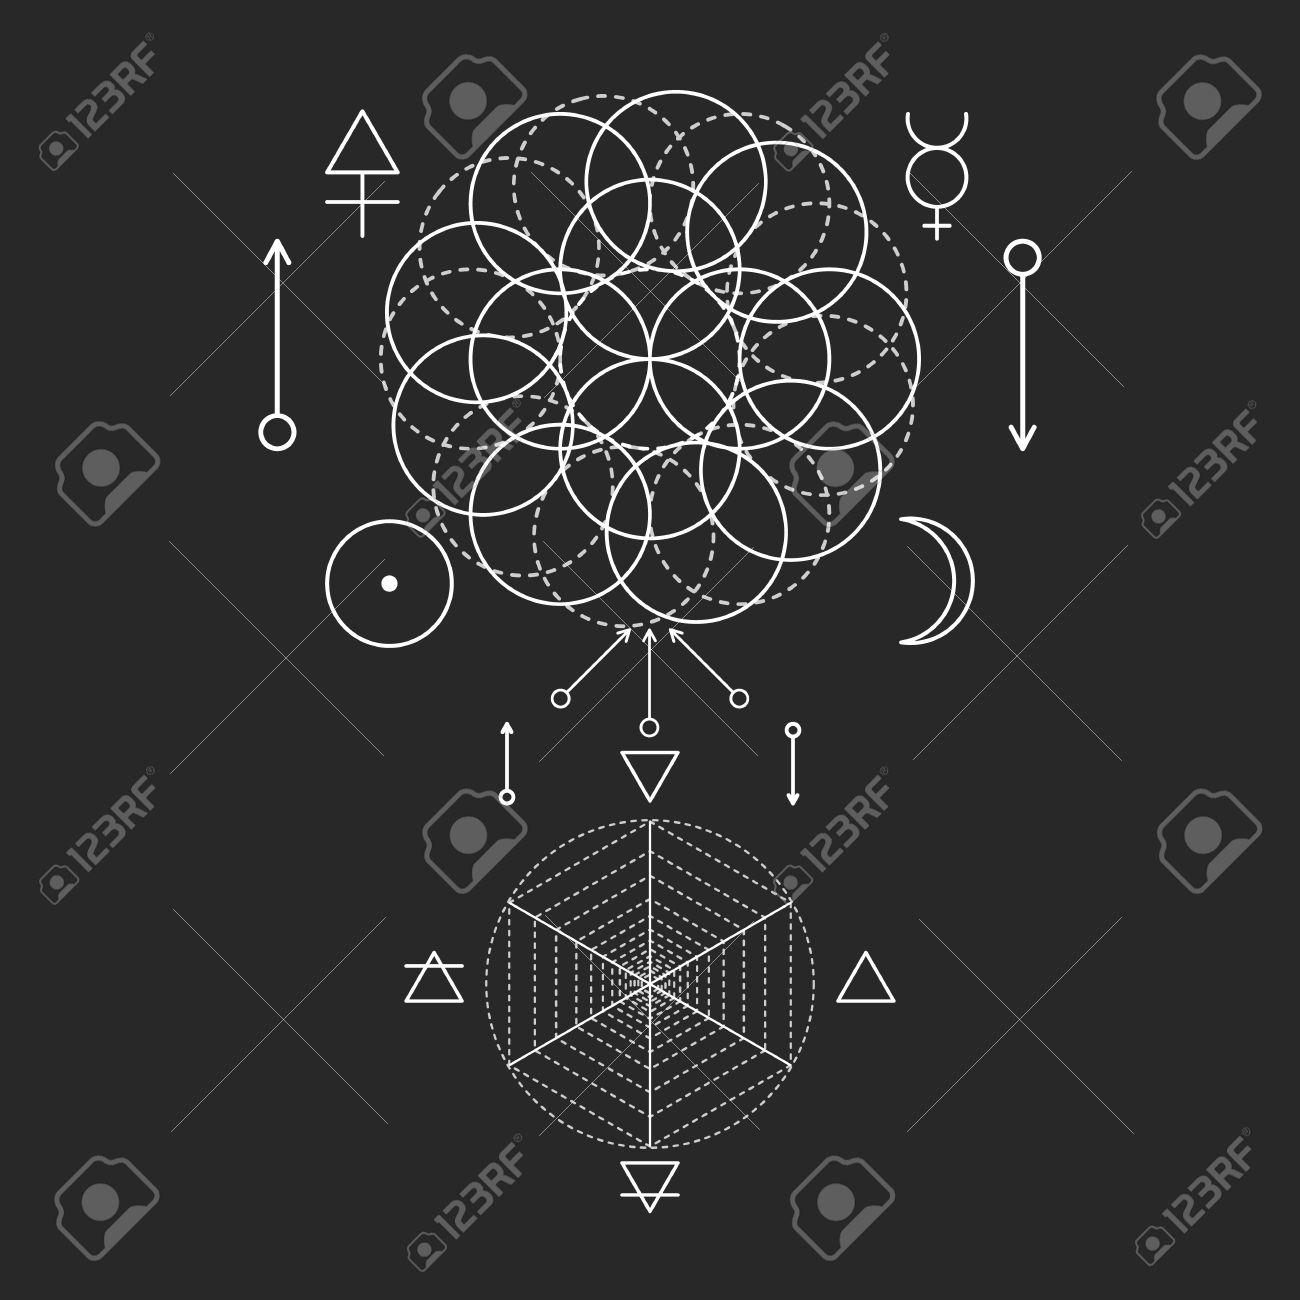 Ausgezeichnet Grundlegendes Elektronisches Symbol Bilder ...